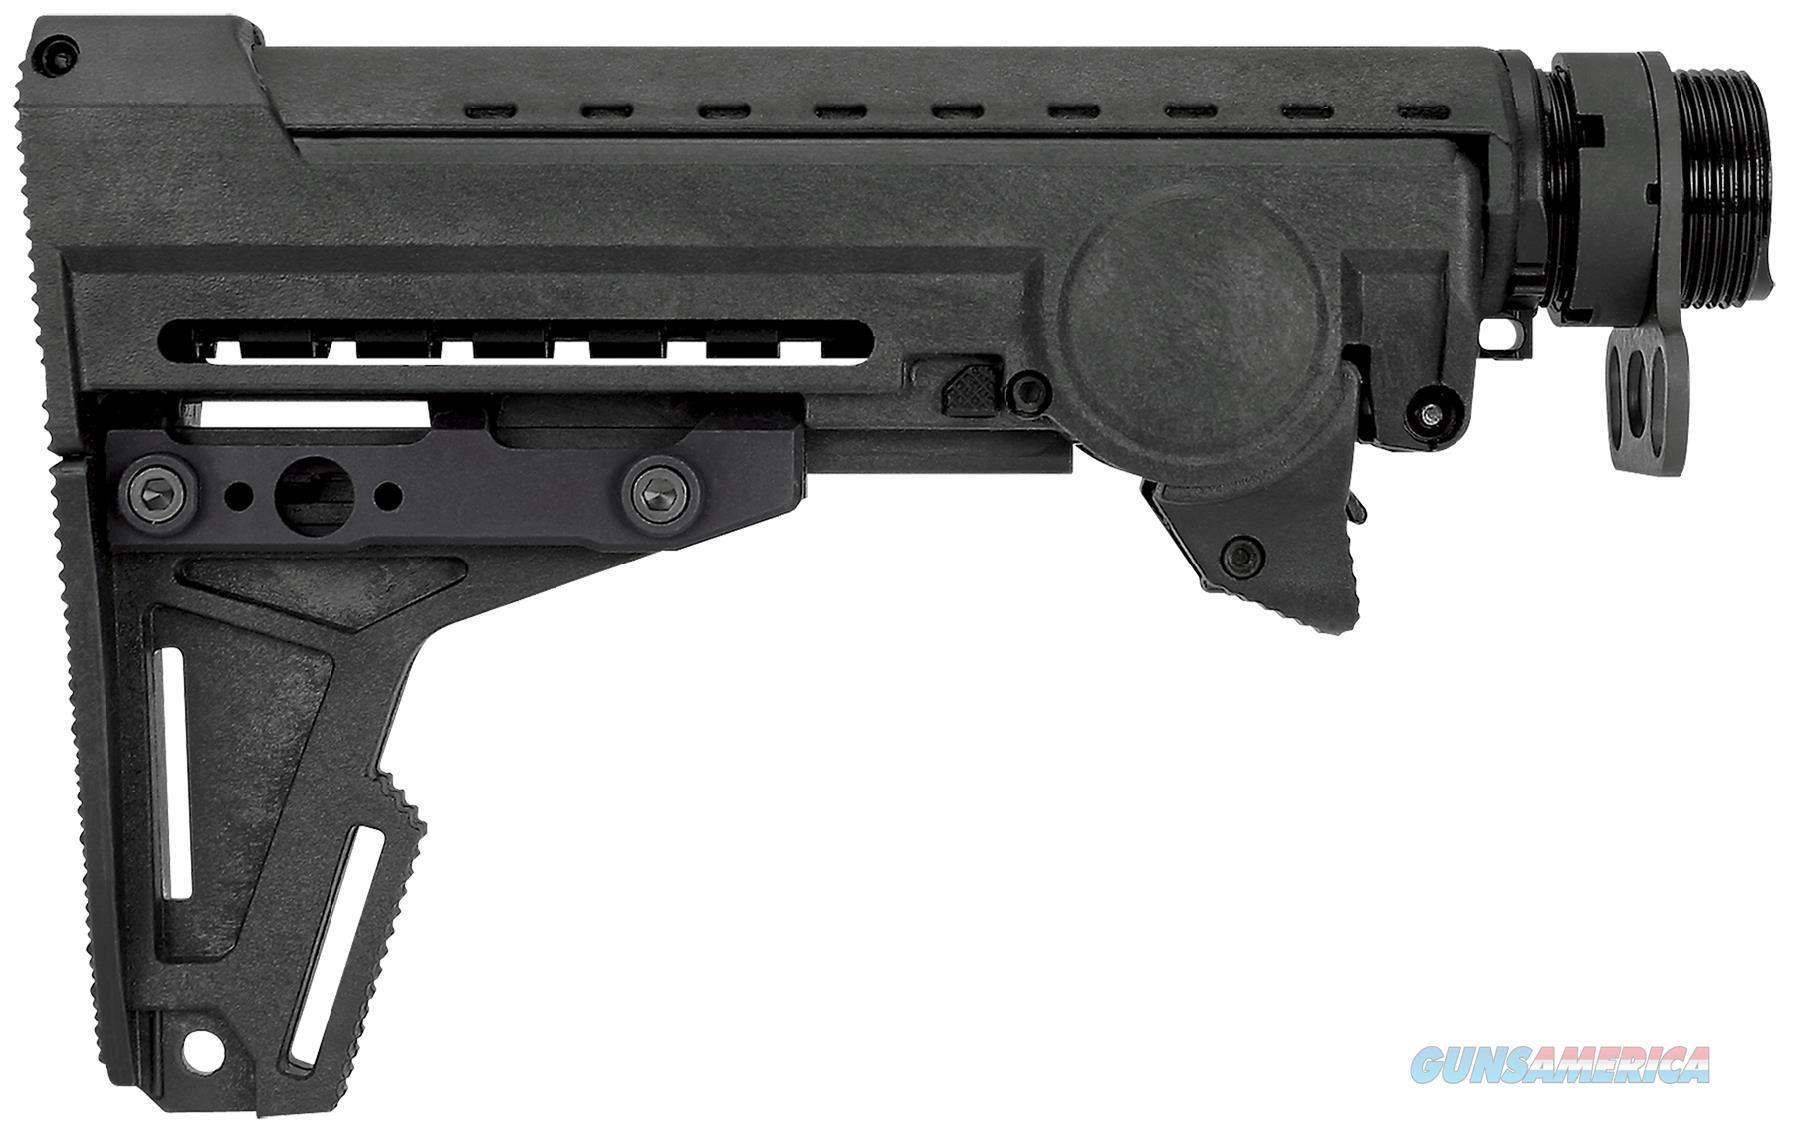 Ergo 4925Bk Ergo F93 Pro Stock 8Pos Ar-15 W/Tube Syn Black 4925BK  Non-Guns > Gunstocks, Grips & Wood